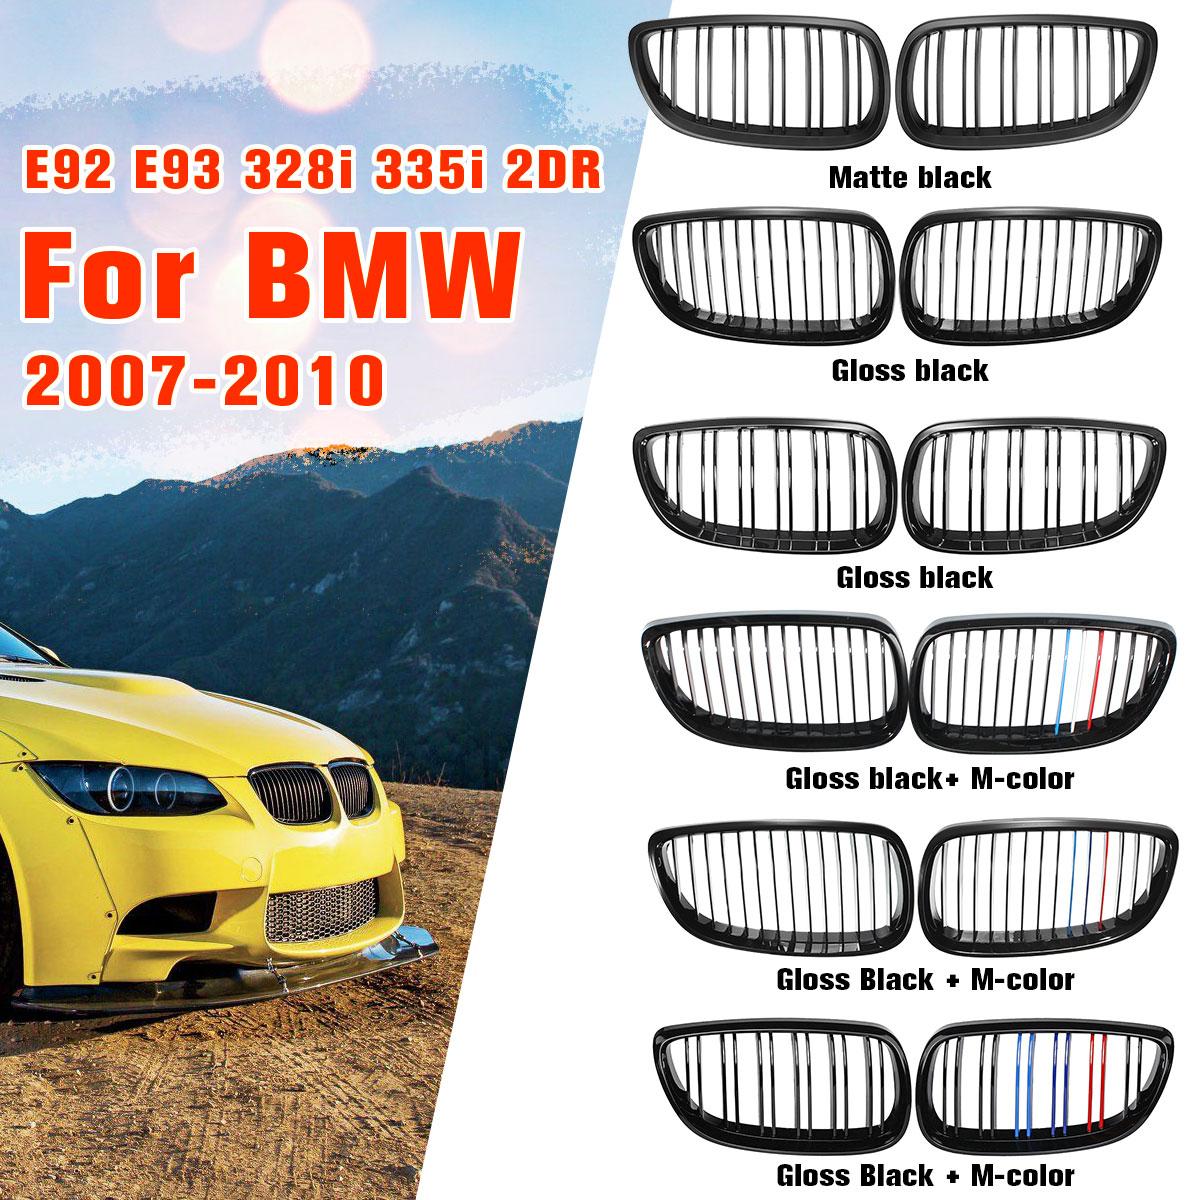 Brillant mat noir m-color double ligne Grille avant rein Grill pour BMW E92 E93 M3 328i 335i 2 portes 2007 2008 2009 voiture style